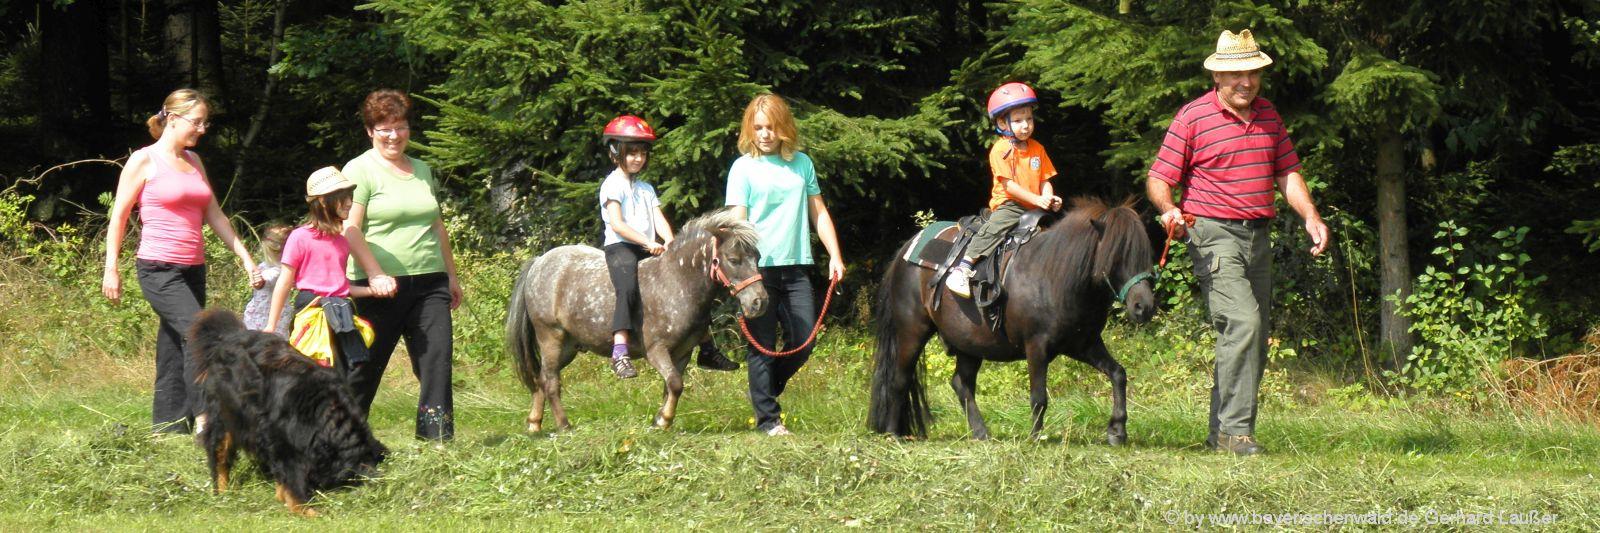 Bayerischer Wald Reiturlaub für Kinder am Bauernhof